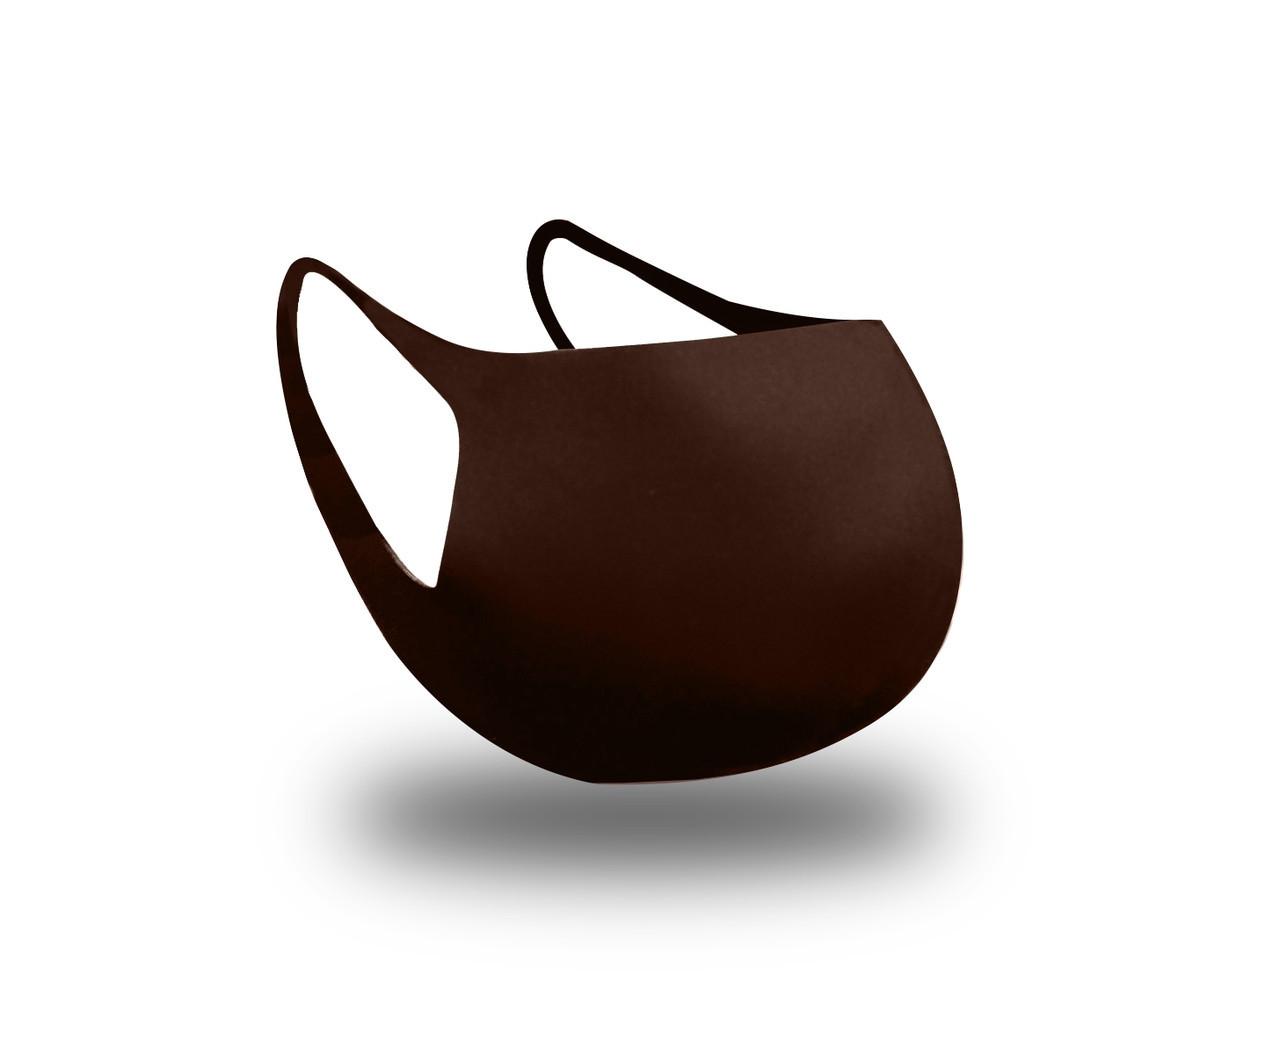 Багаторазова захисна маска для обличчя Fandy Standart+ 3-х шаровий неопрен шоколад дитячий